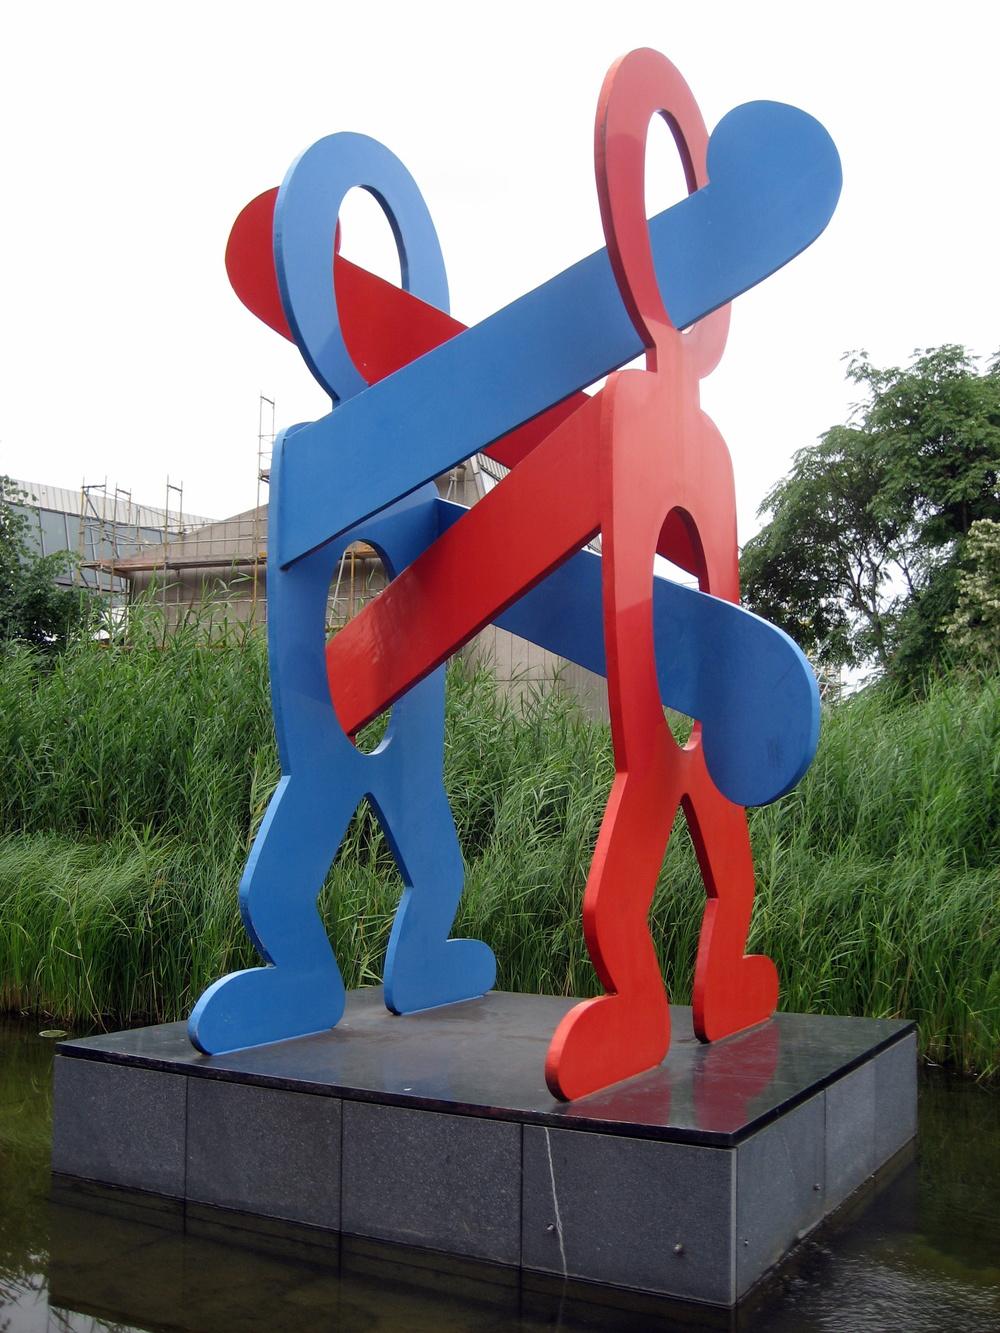 Keith_Haring_Berlin-Tiergarten.jpg